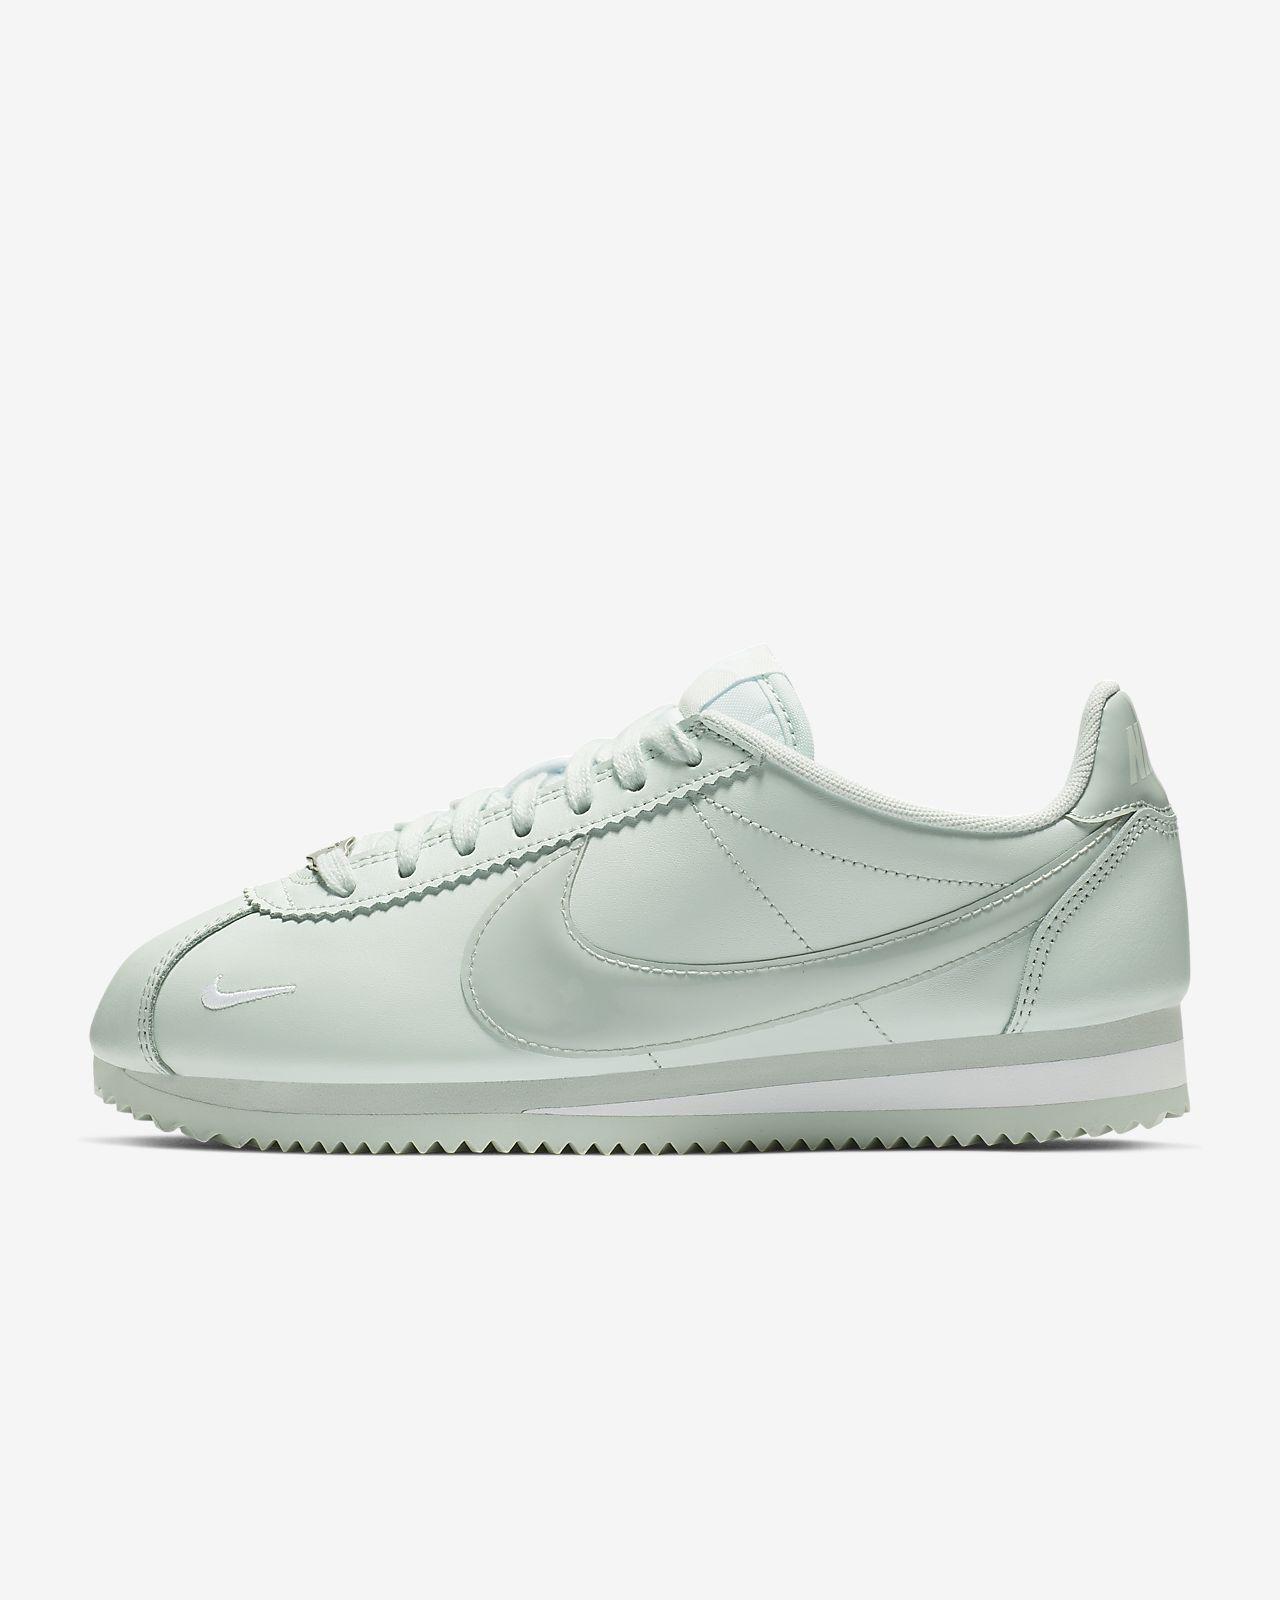 separation shoes 4c246 6200e ... Chaussure Nike Classic Cortez Premium pour Femme